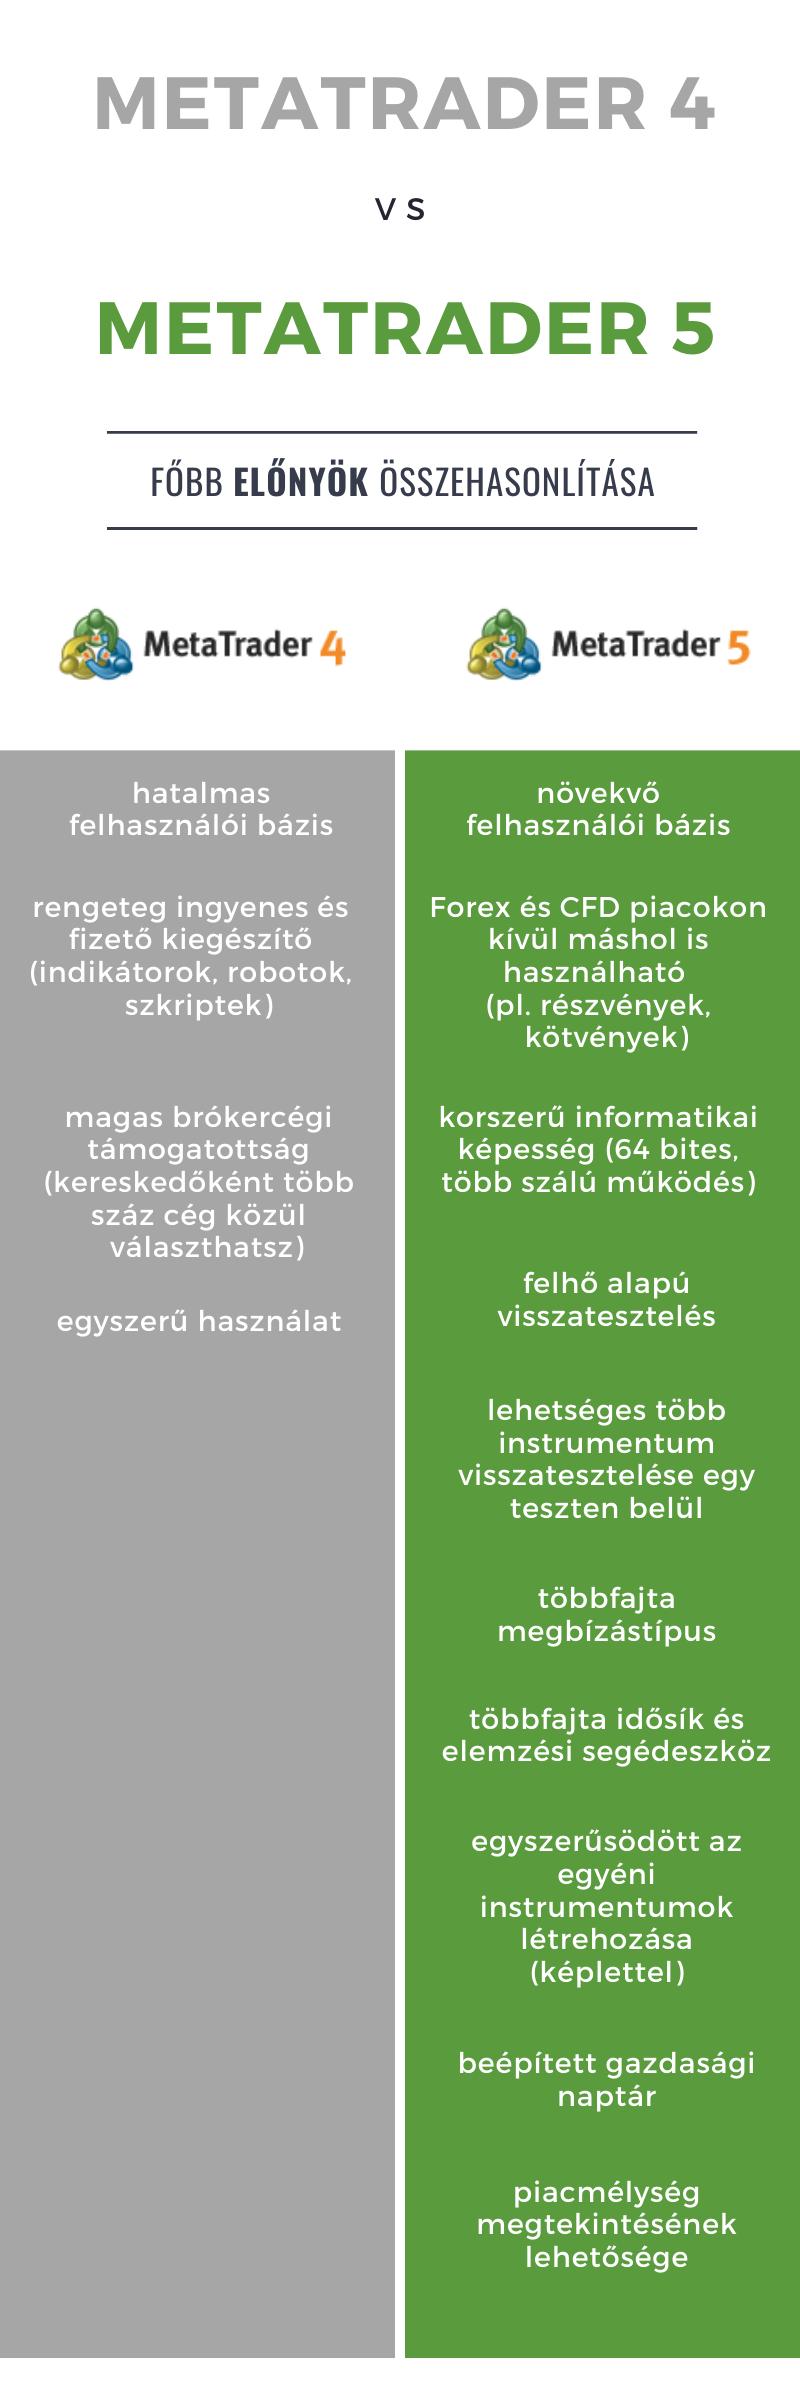 MetaTrader4 és MetaTrader5 előnyei